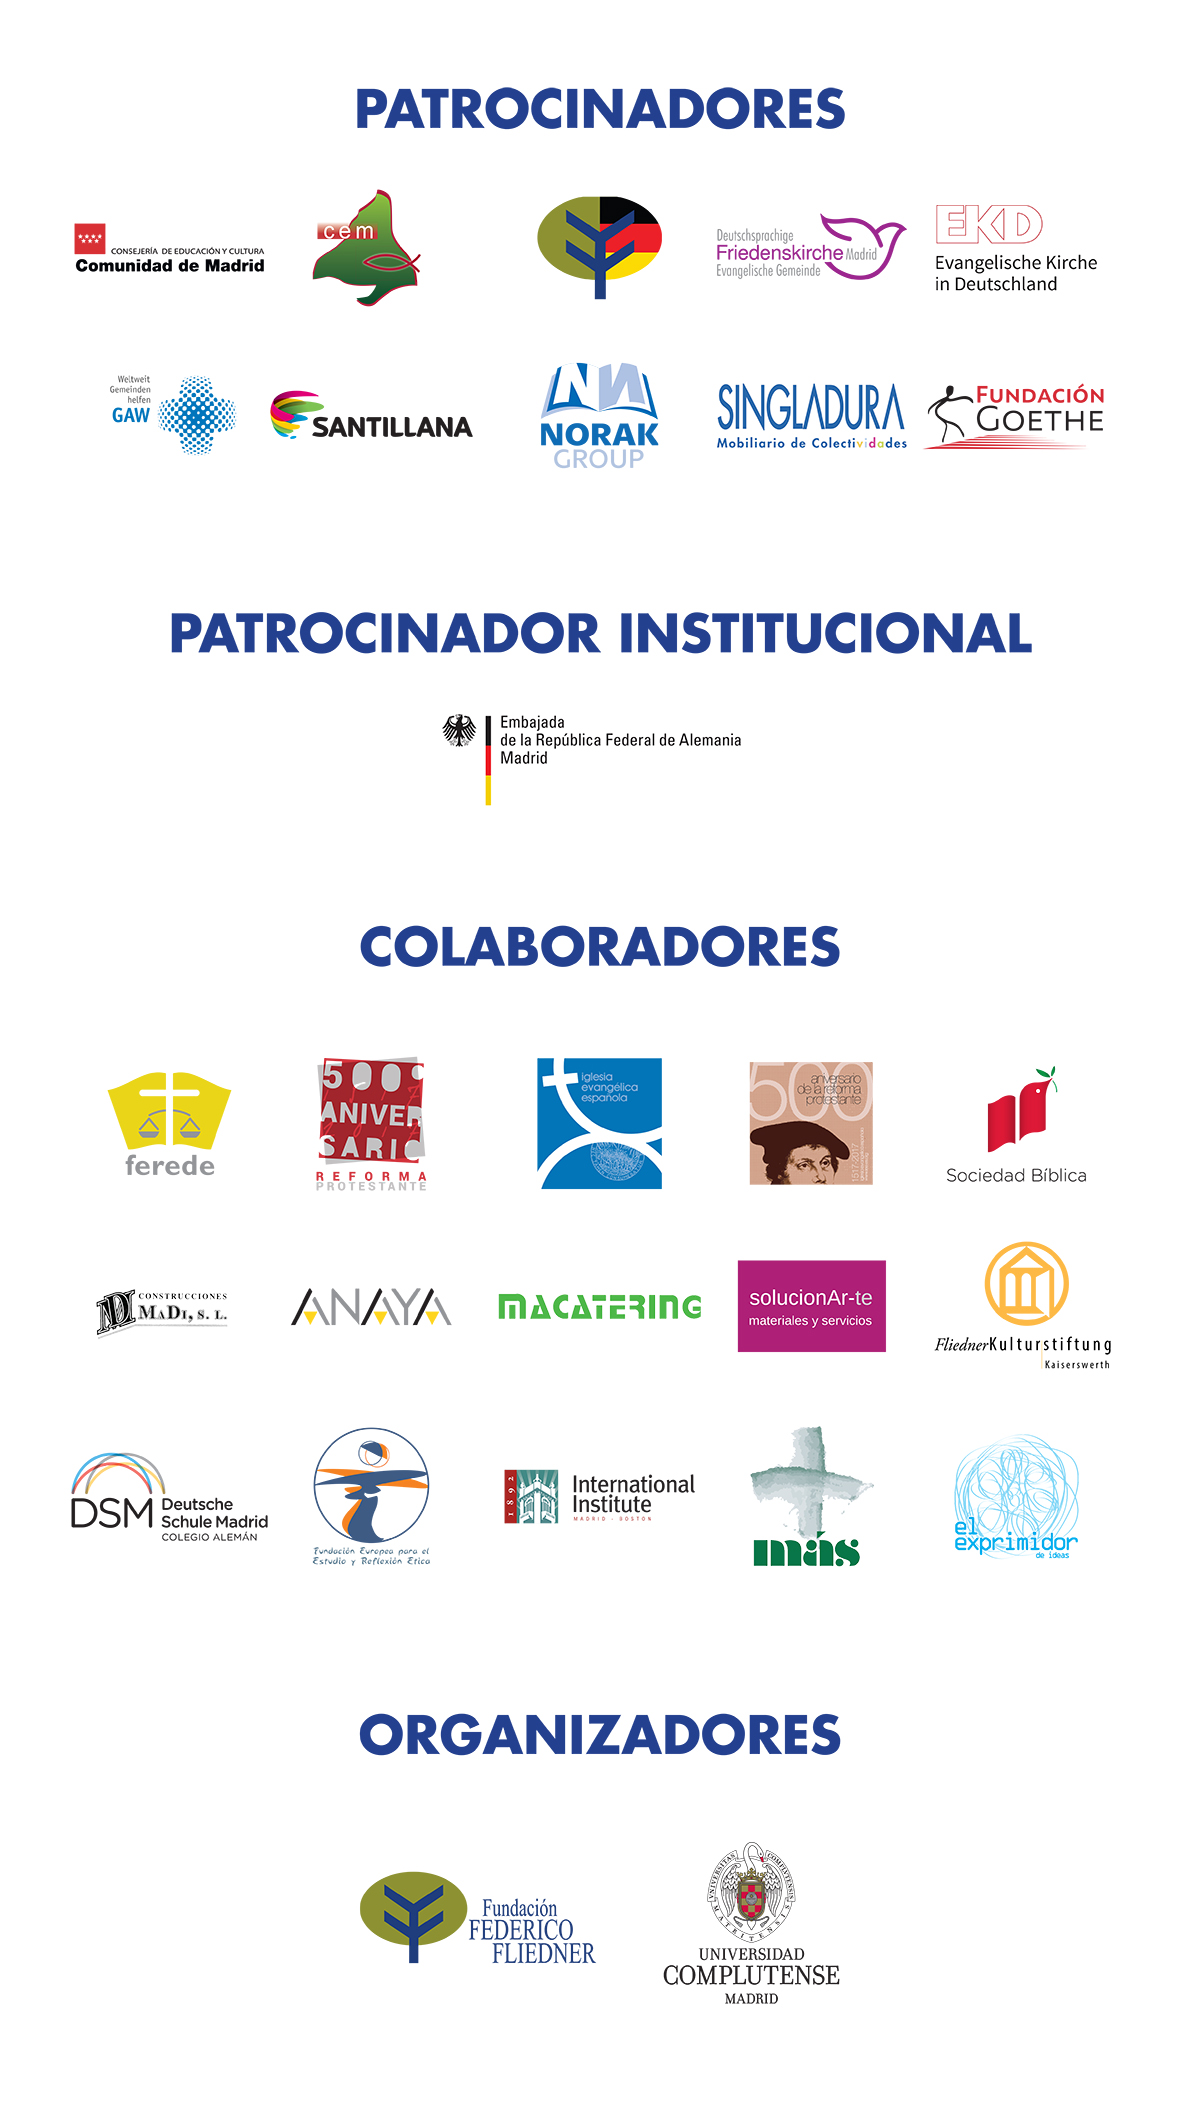 Patrocinadores, colaboradores y organizadores